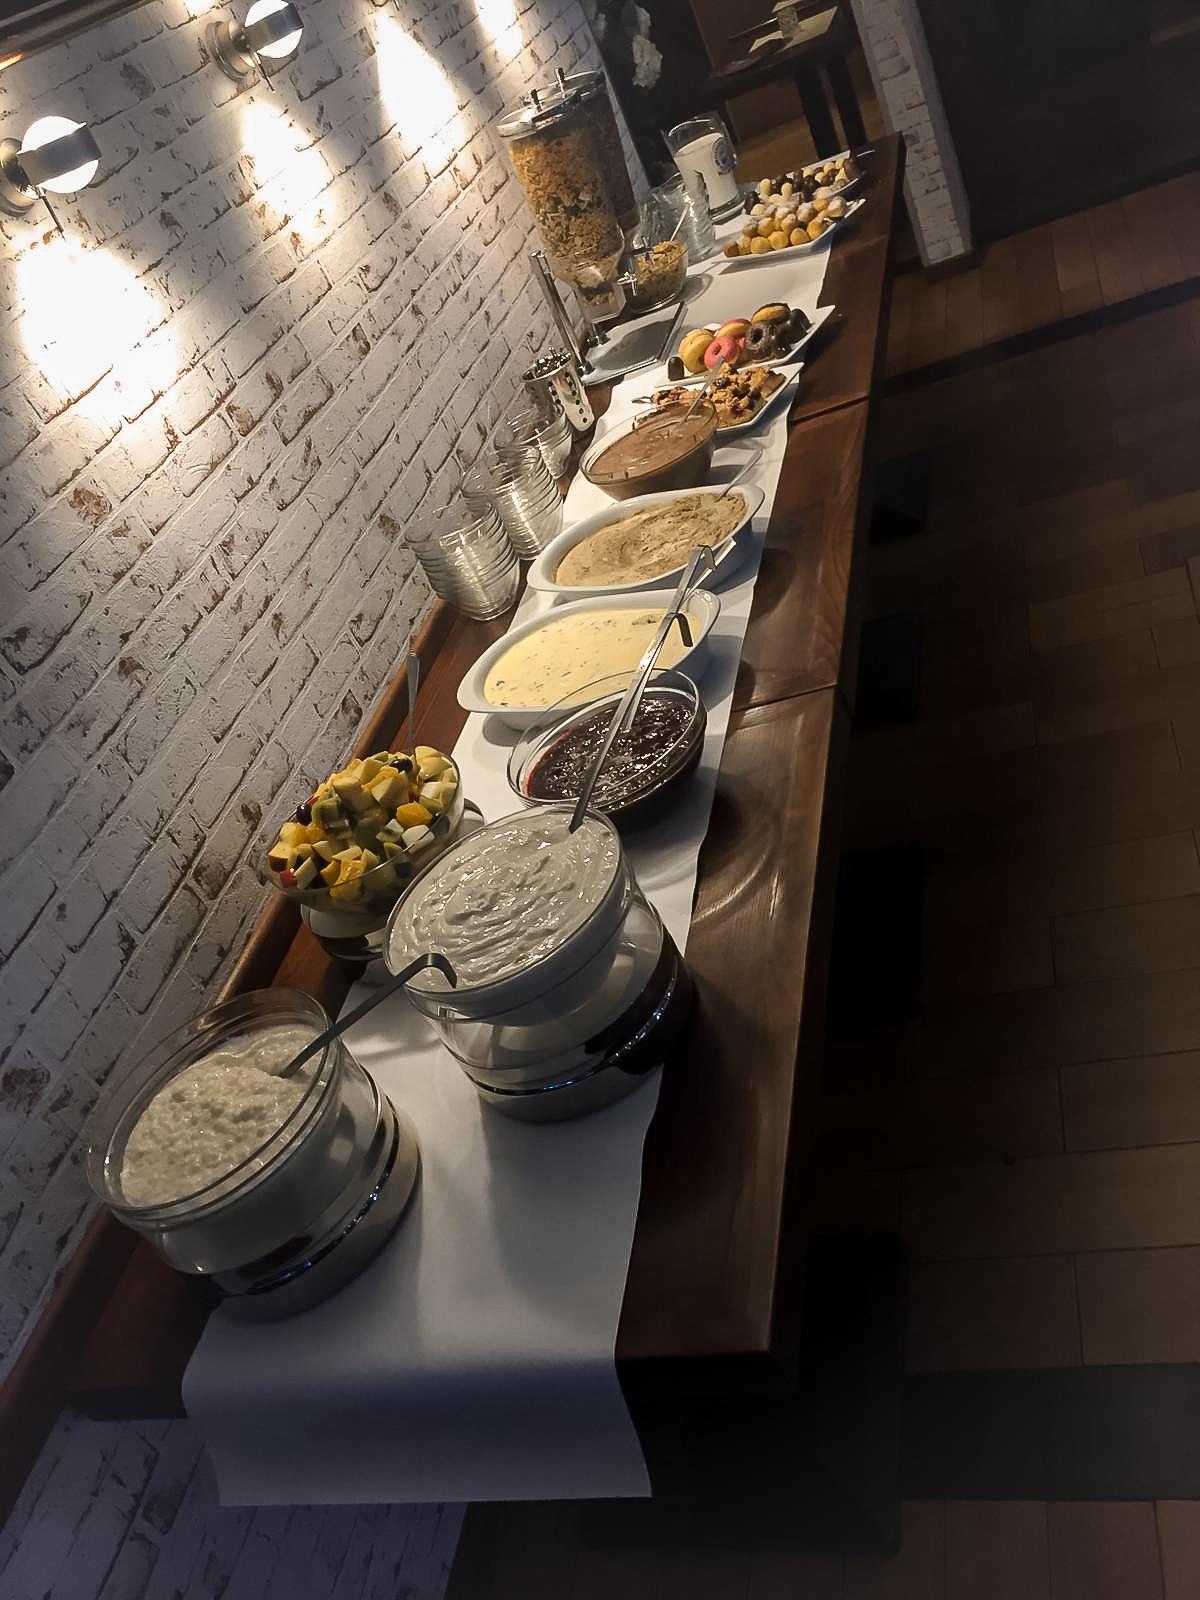 Restaurant-Wedel-Muehlenstein-Burger-Pizza-Brunch-Buffet Ambiente